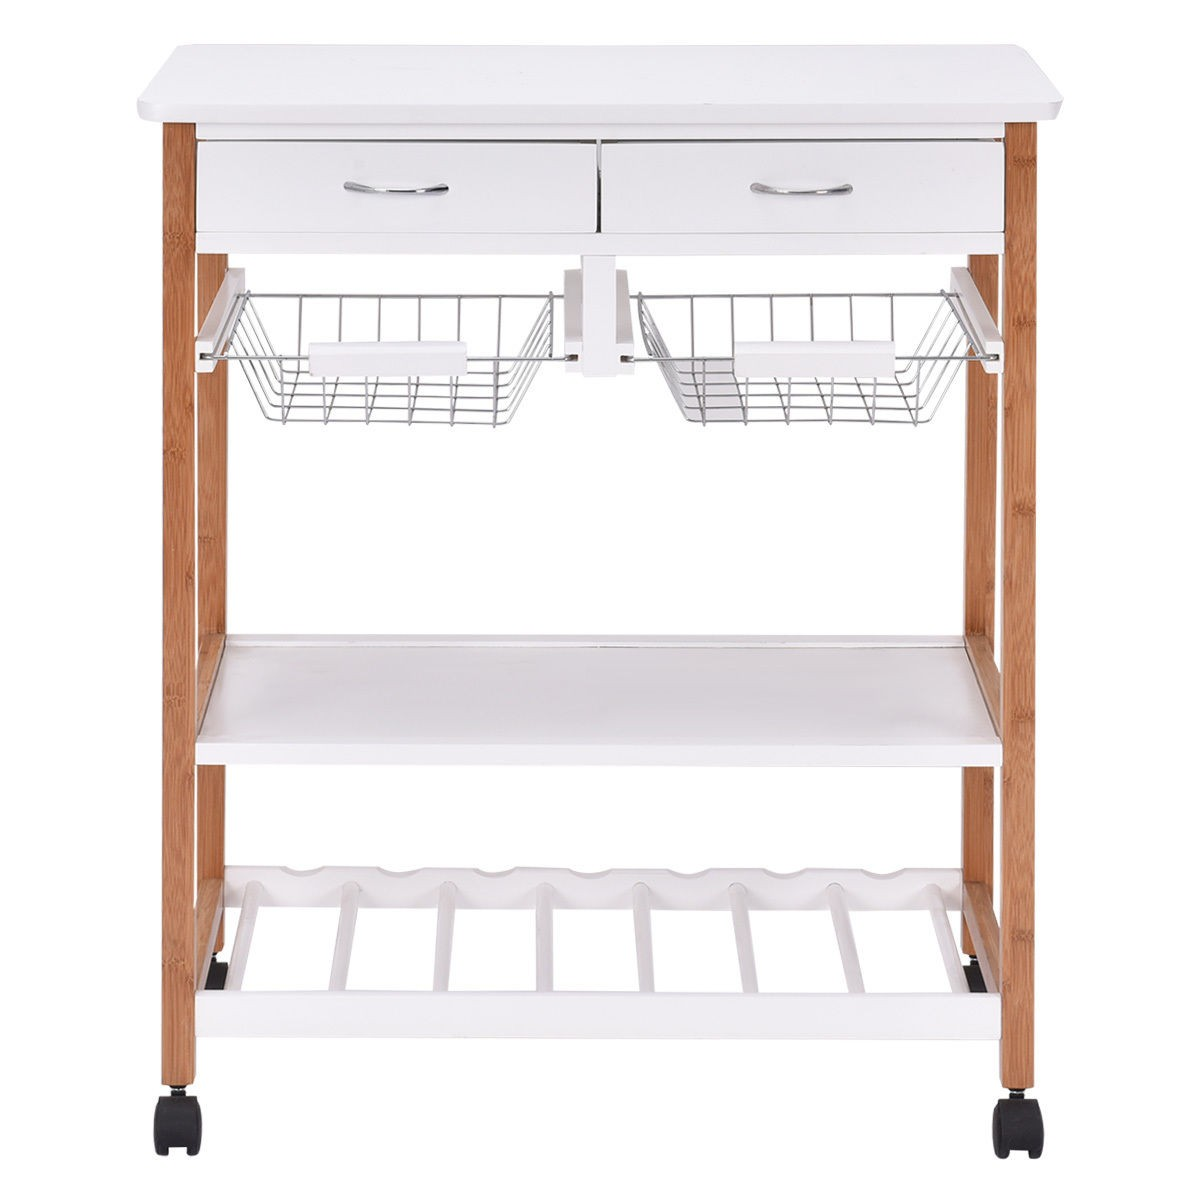 Portable Kitchen Rolling Cart Island Storage Wine Rack: Rolling Wood Kitchen Trolley Cart Island Storage Basket